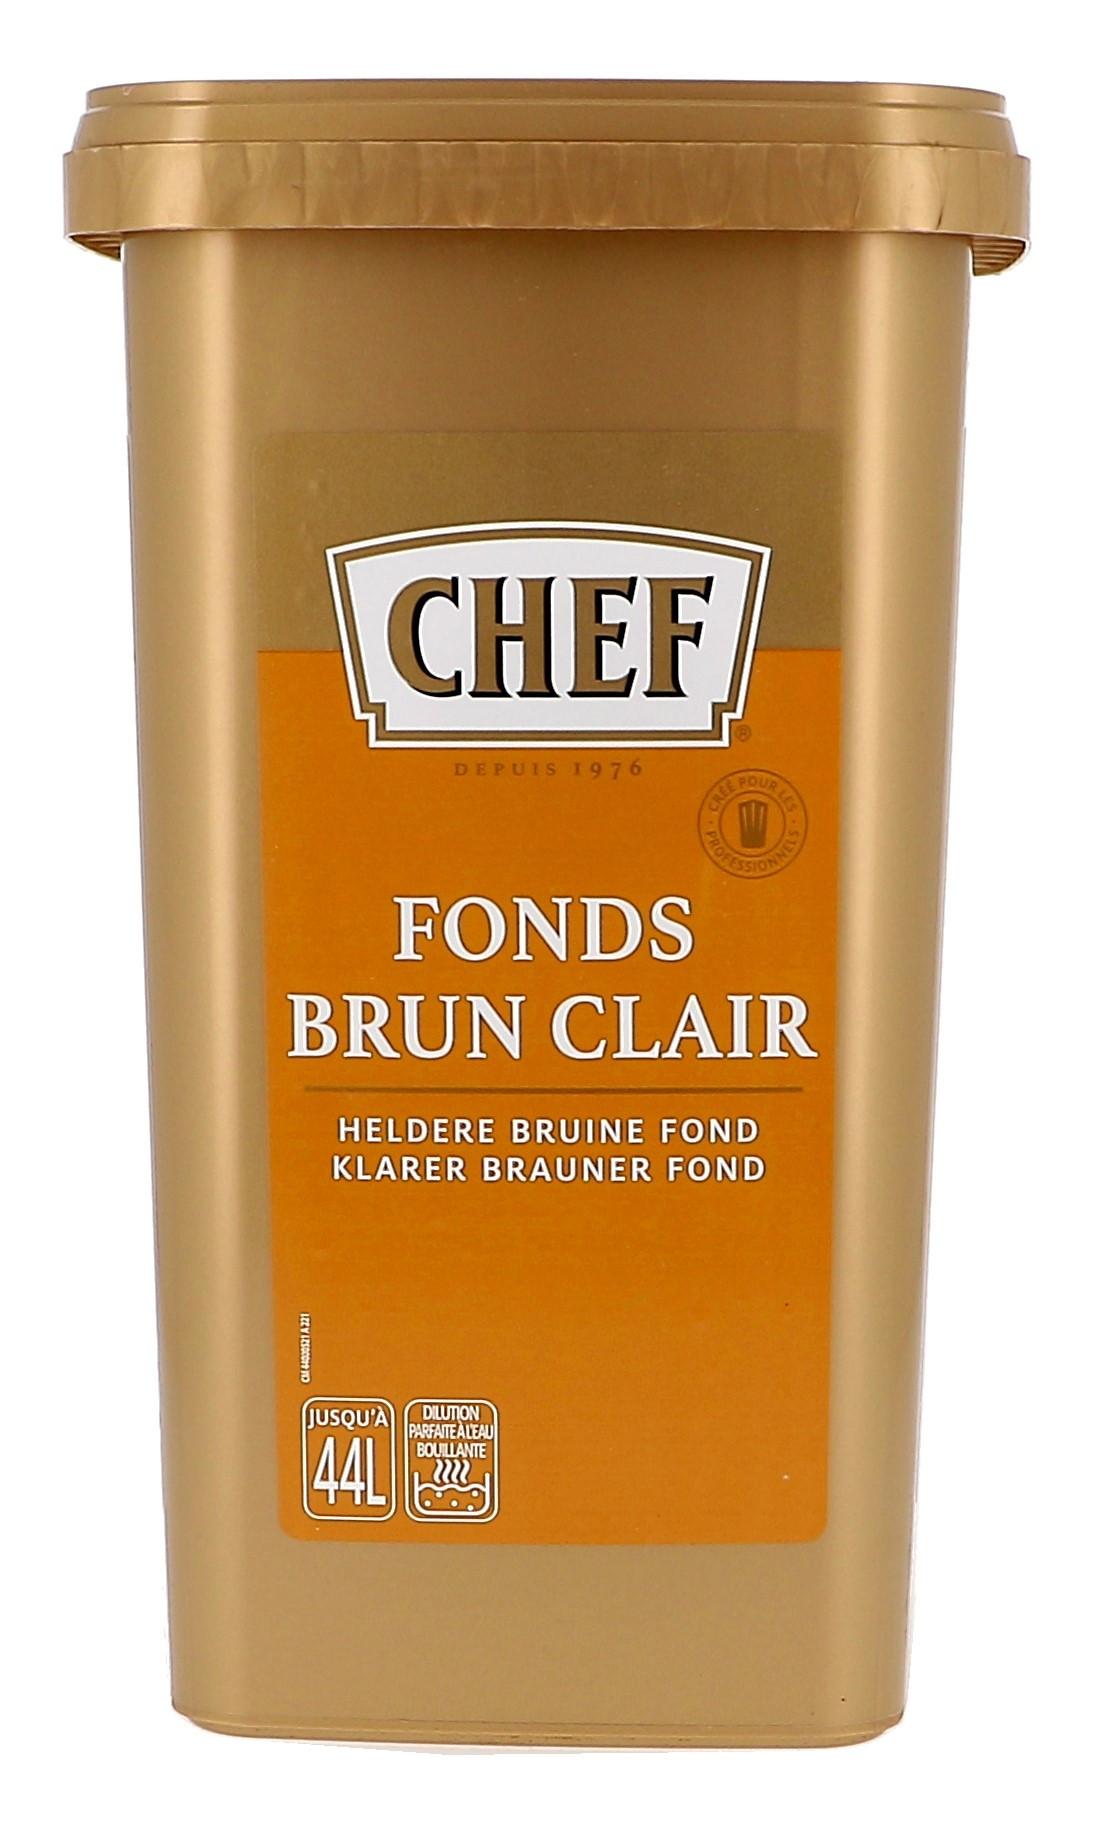 Chef fonds brun clair 880gr Nestlé Professional (Chef)